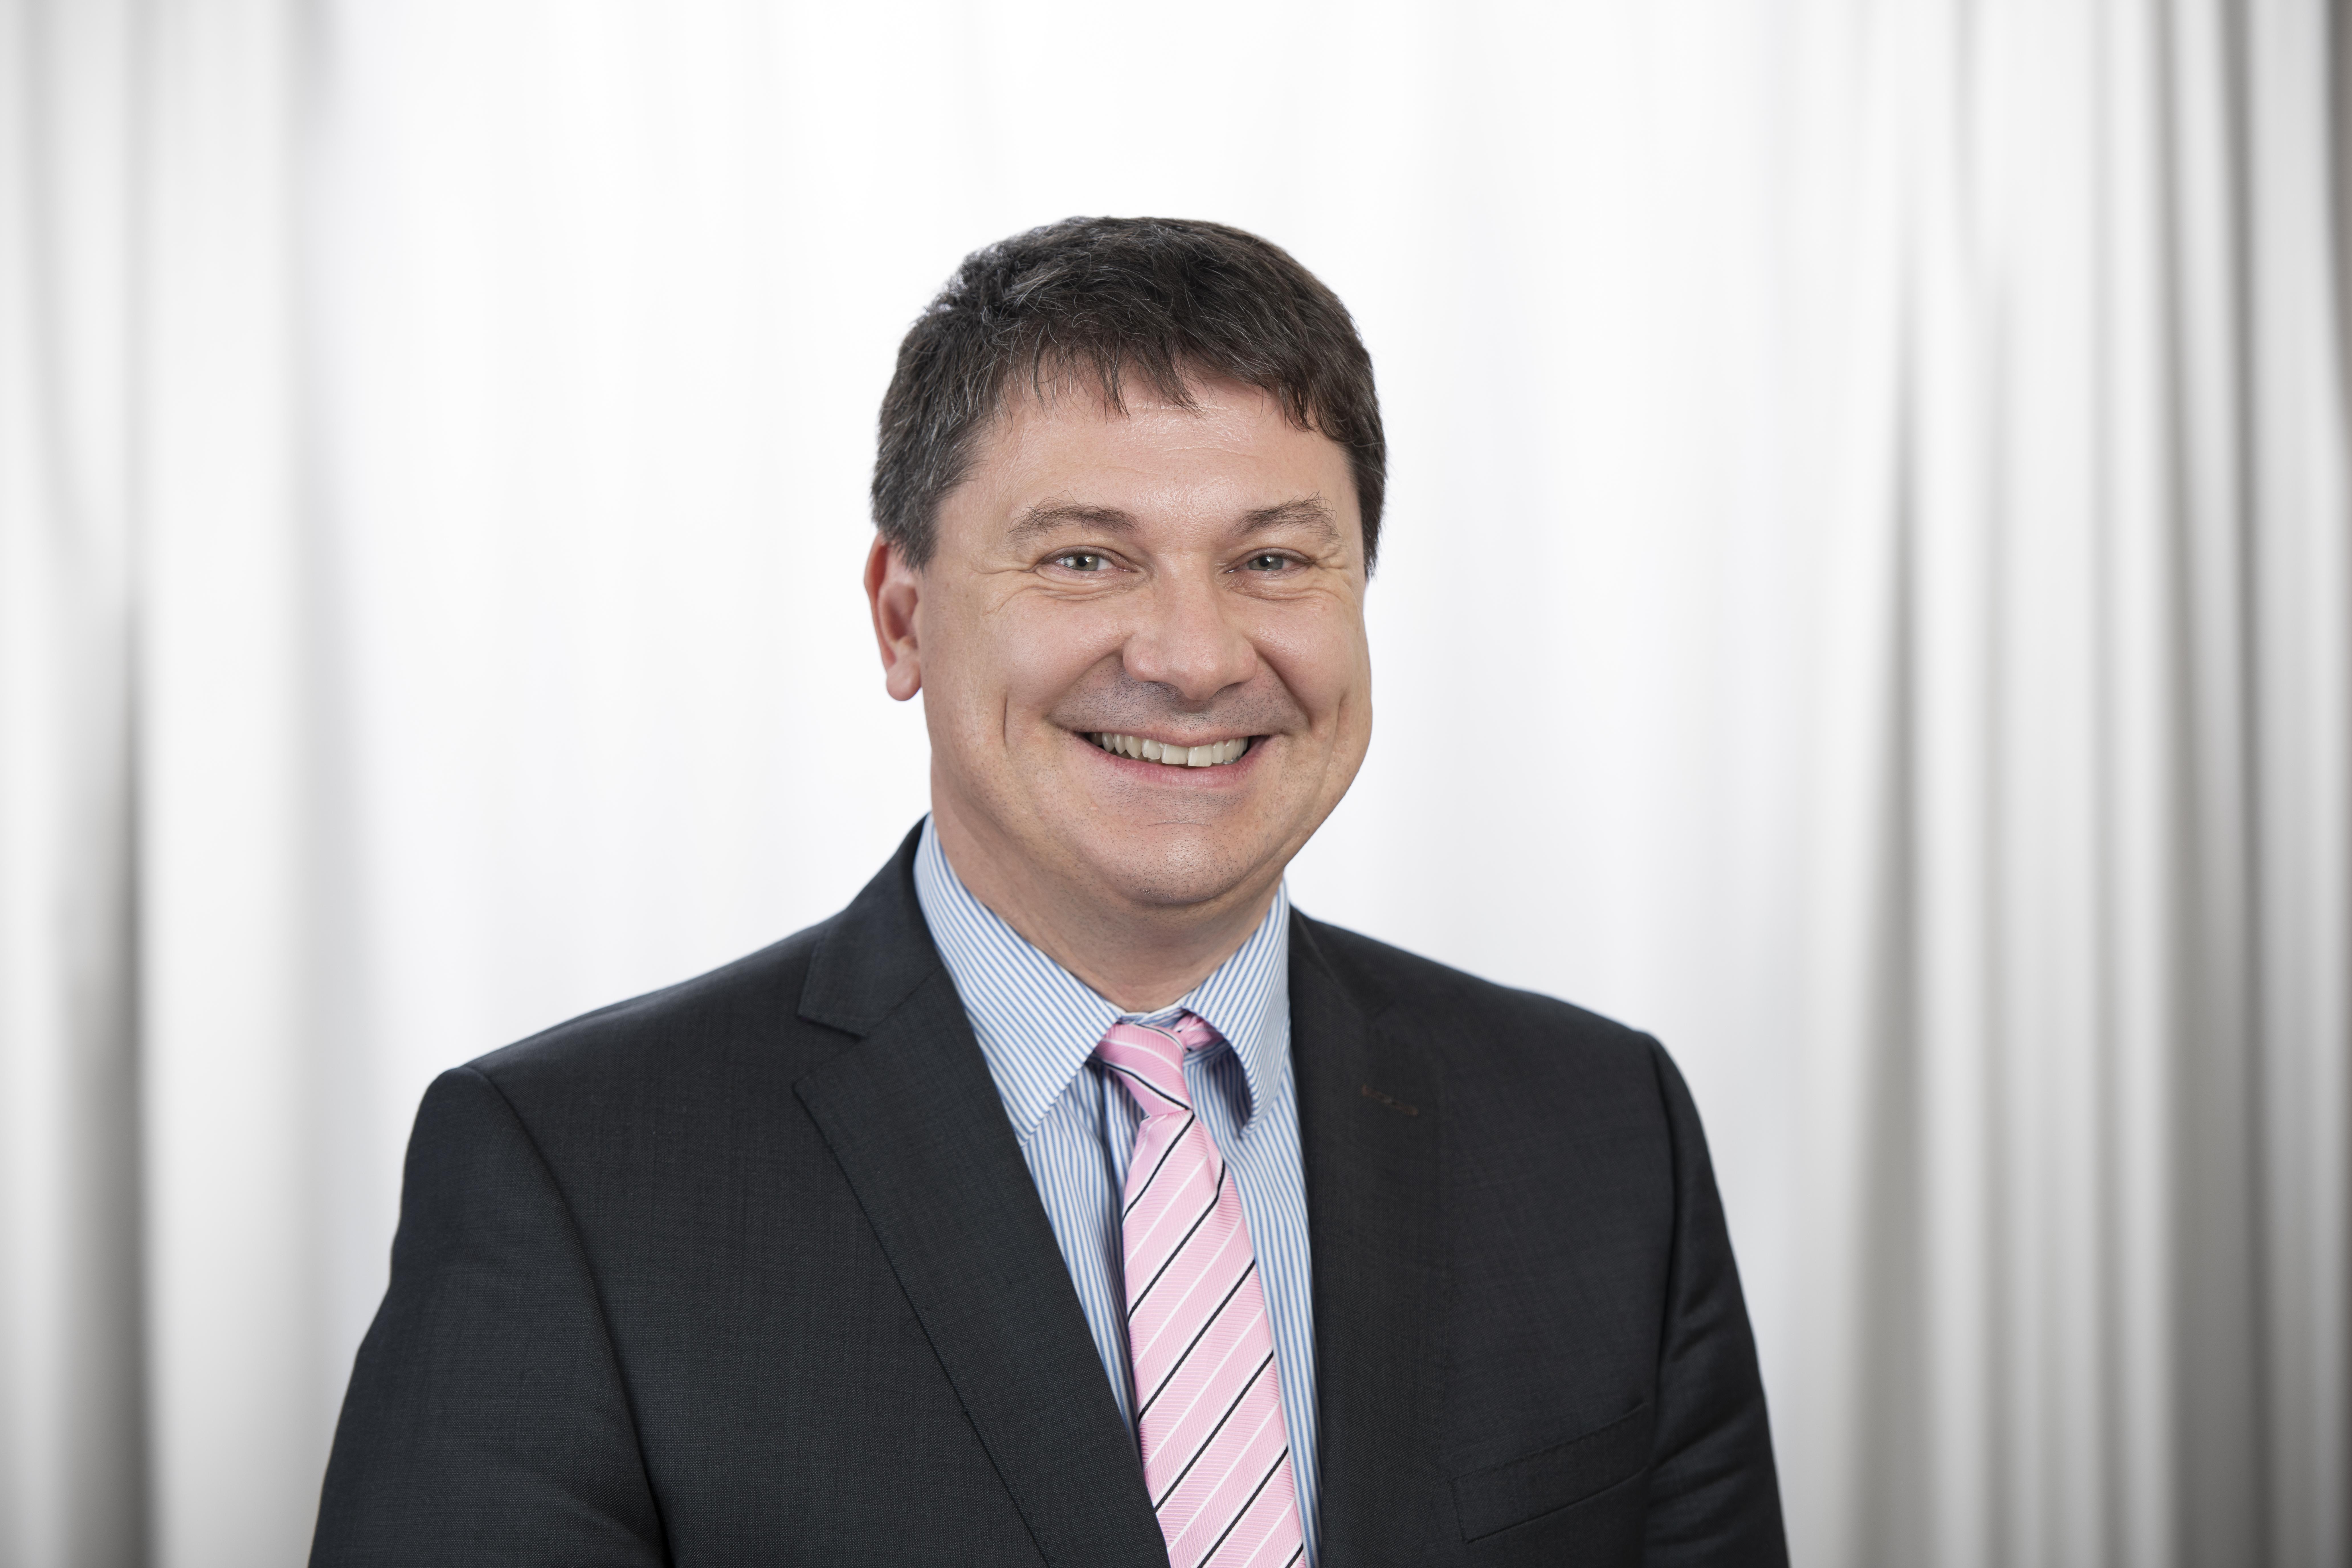 Bernd Ohnesorge